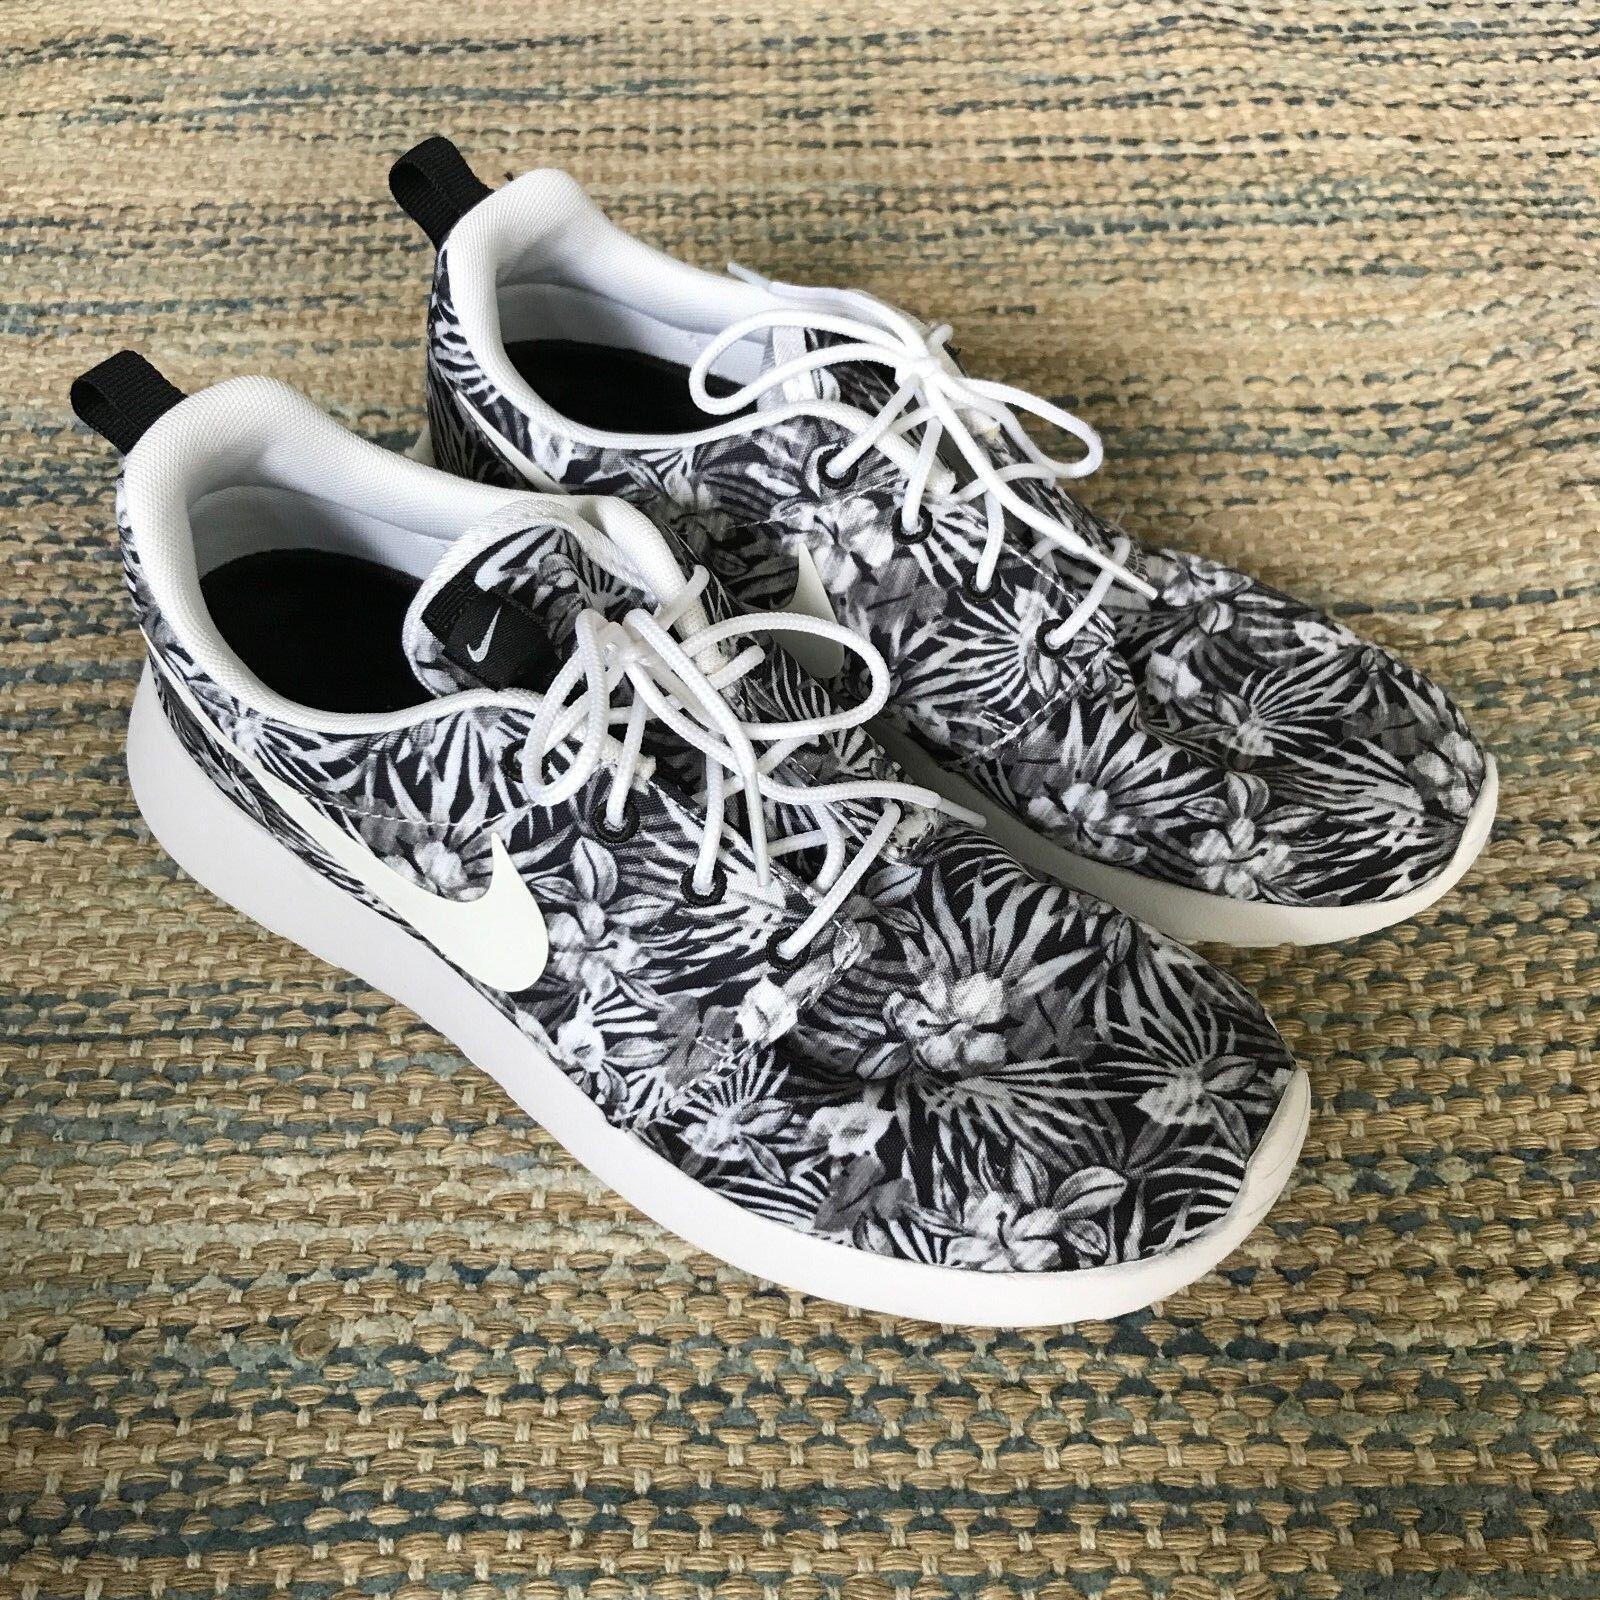 Nike Roshe Run Floral Premium Print Sneakers Women's US 9 Men's US 8